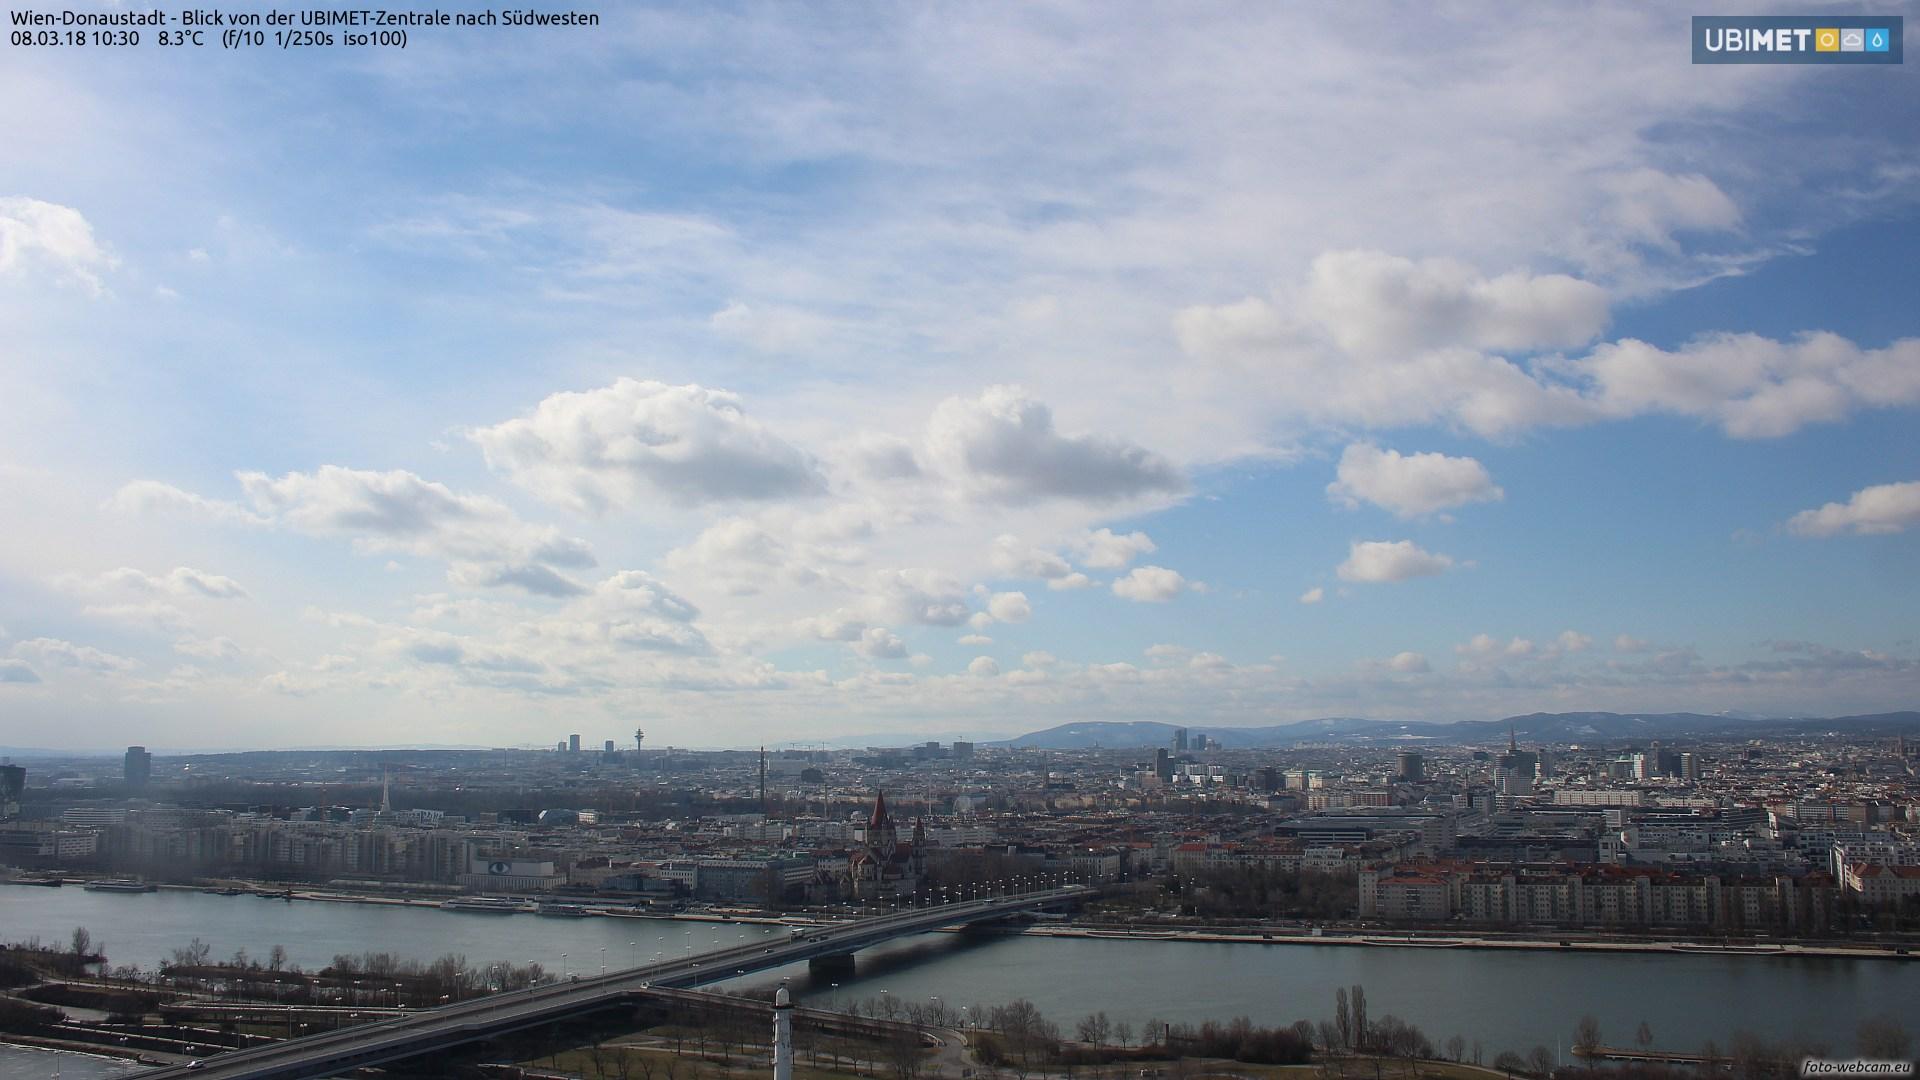 https://www.foto-webcam.eu/webcam/wien/2018/03/08/1030_hd.jpg